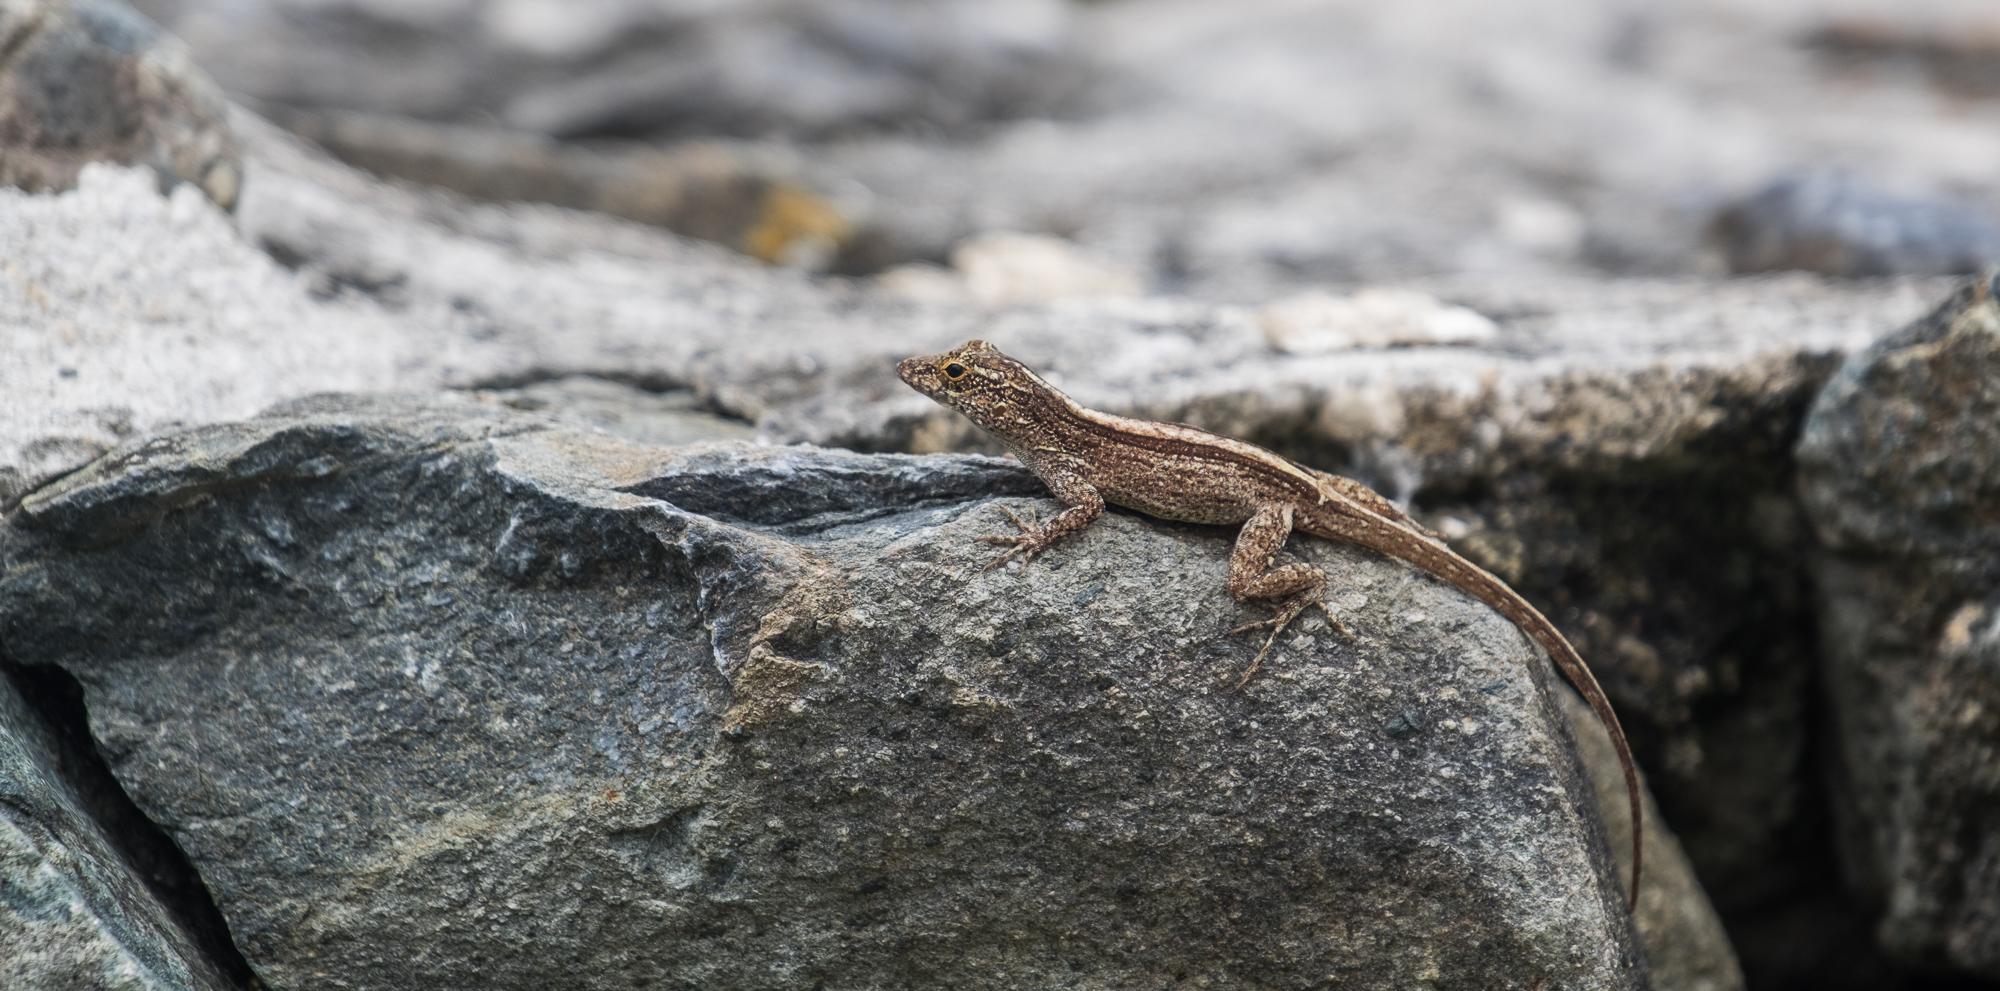 A cute little lizard.